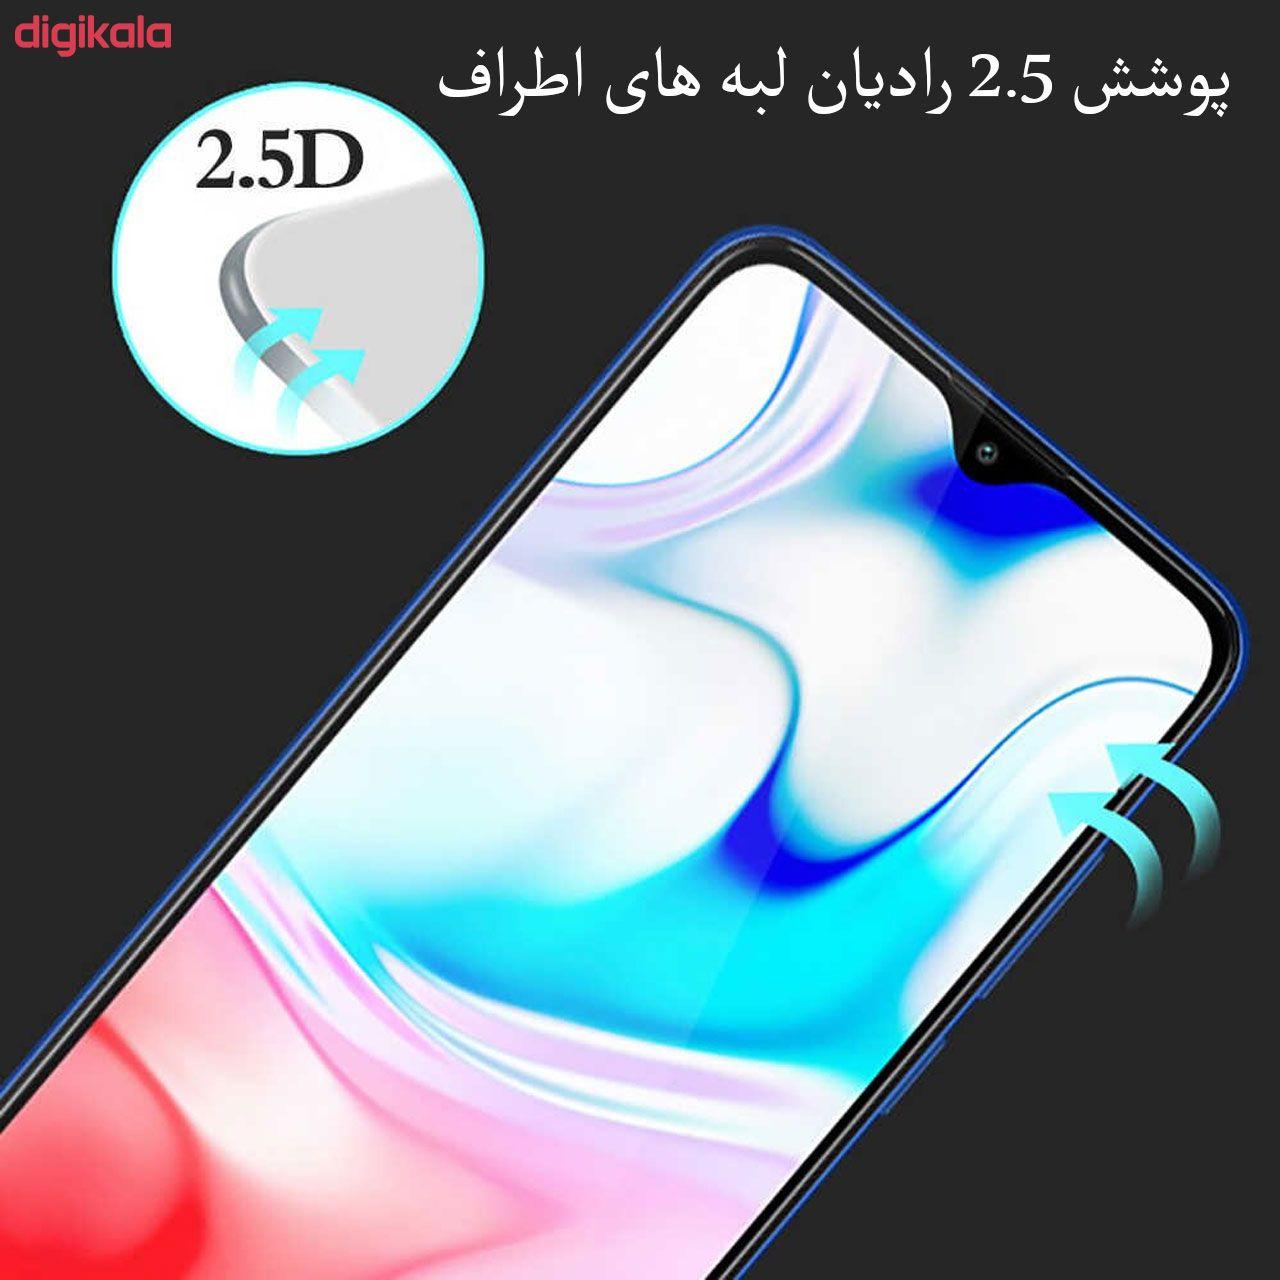 محافظ صفحه نمایش مدل FCG مناسب برای گوشی موبایل سامسونگ Galaxy A12 main 1 1